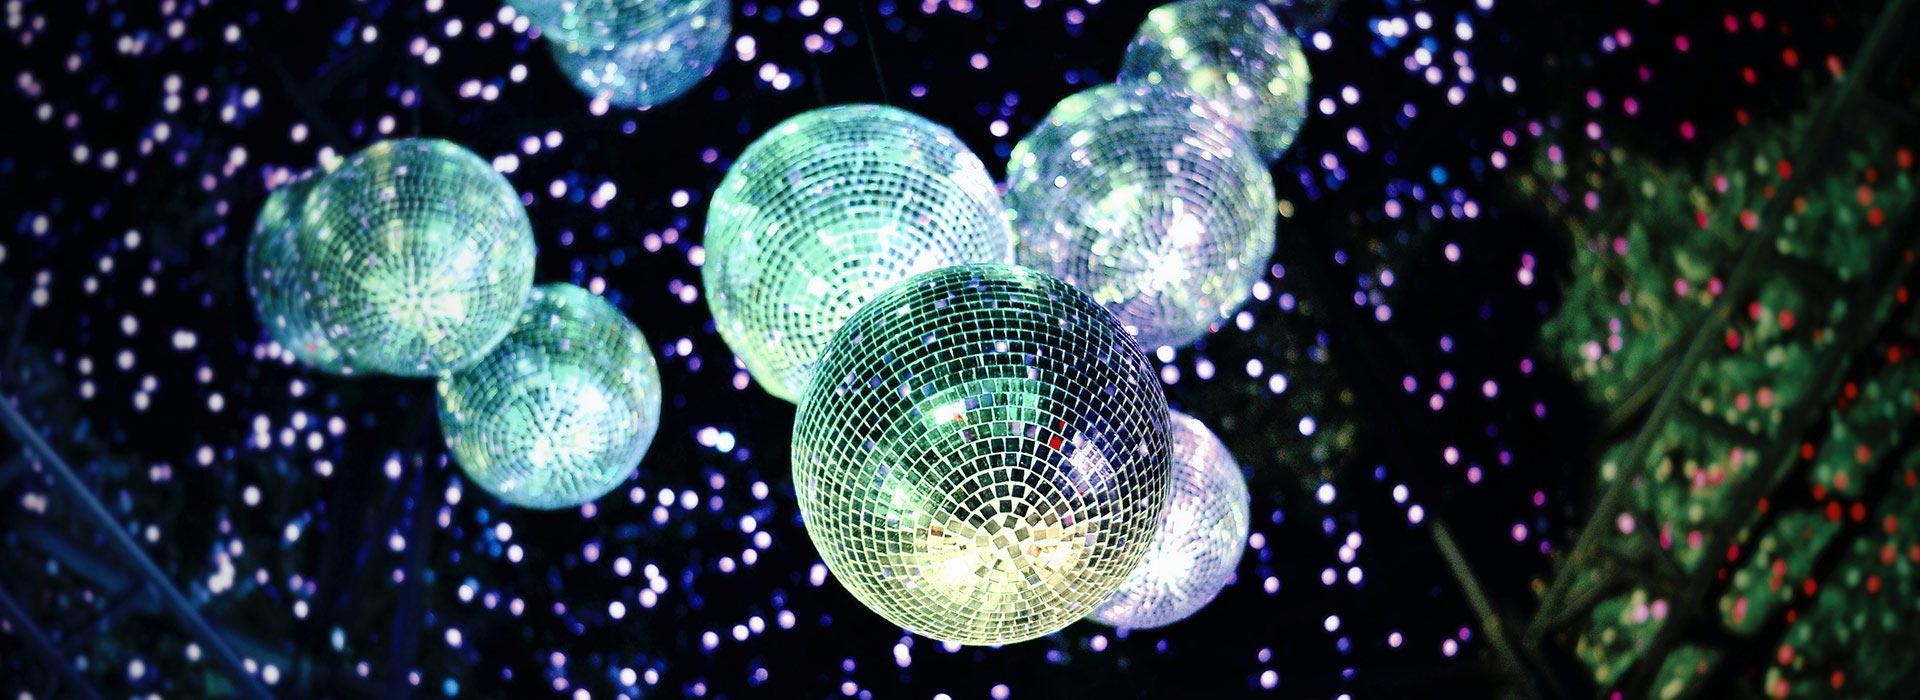 boules a facettes mise en lumiere et decoration soiree dansante